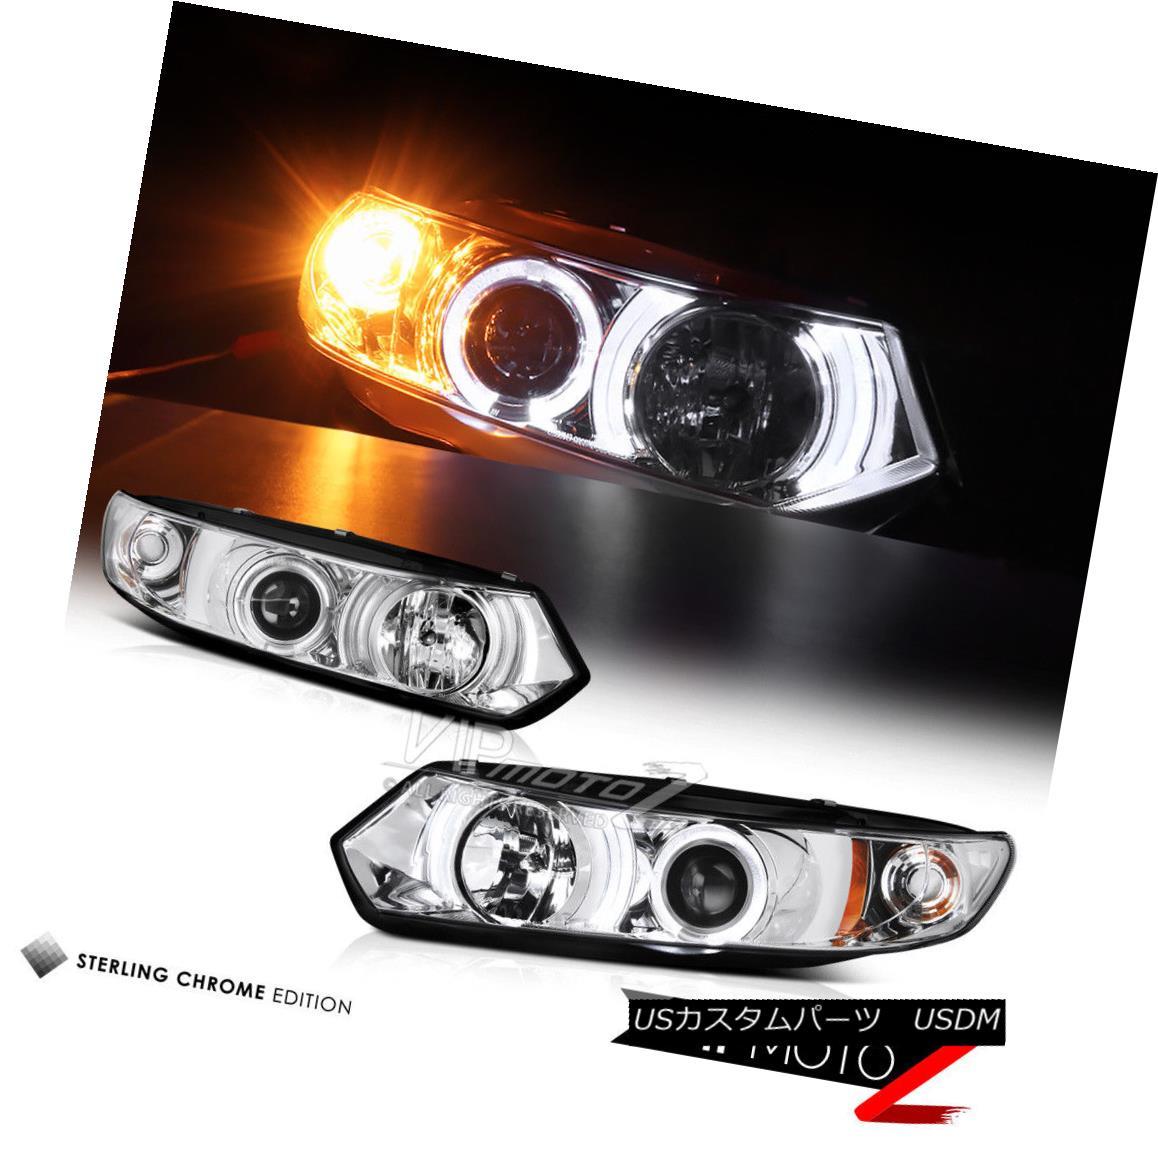 ヘッドライト Left+Right Halo Projector Clear Headlight Signal Lamp 06-11 Honda Civic 2D Coupe 左+右ハロープロジェクタークリアヘッドライト信号ランプ06-11ホンダシビック2Dクーペ